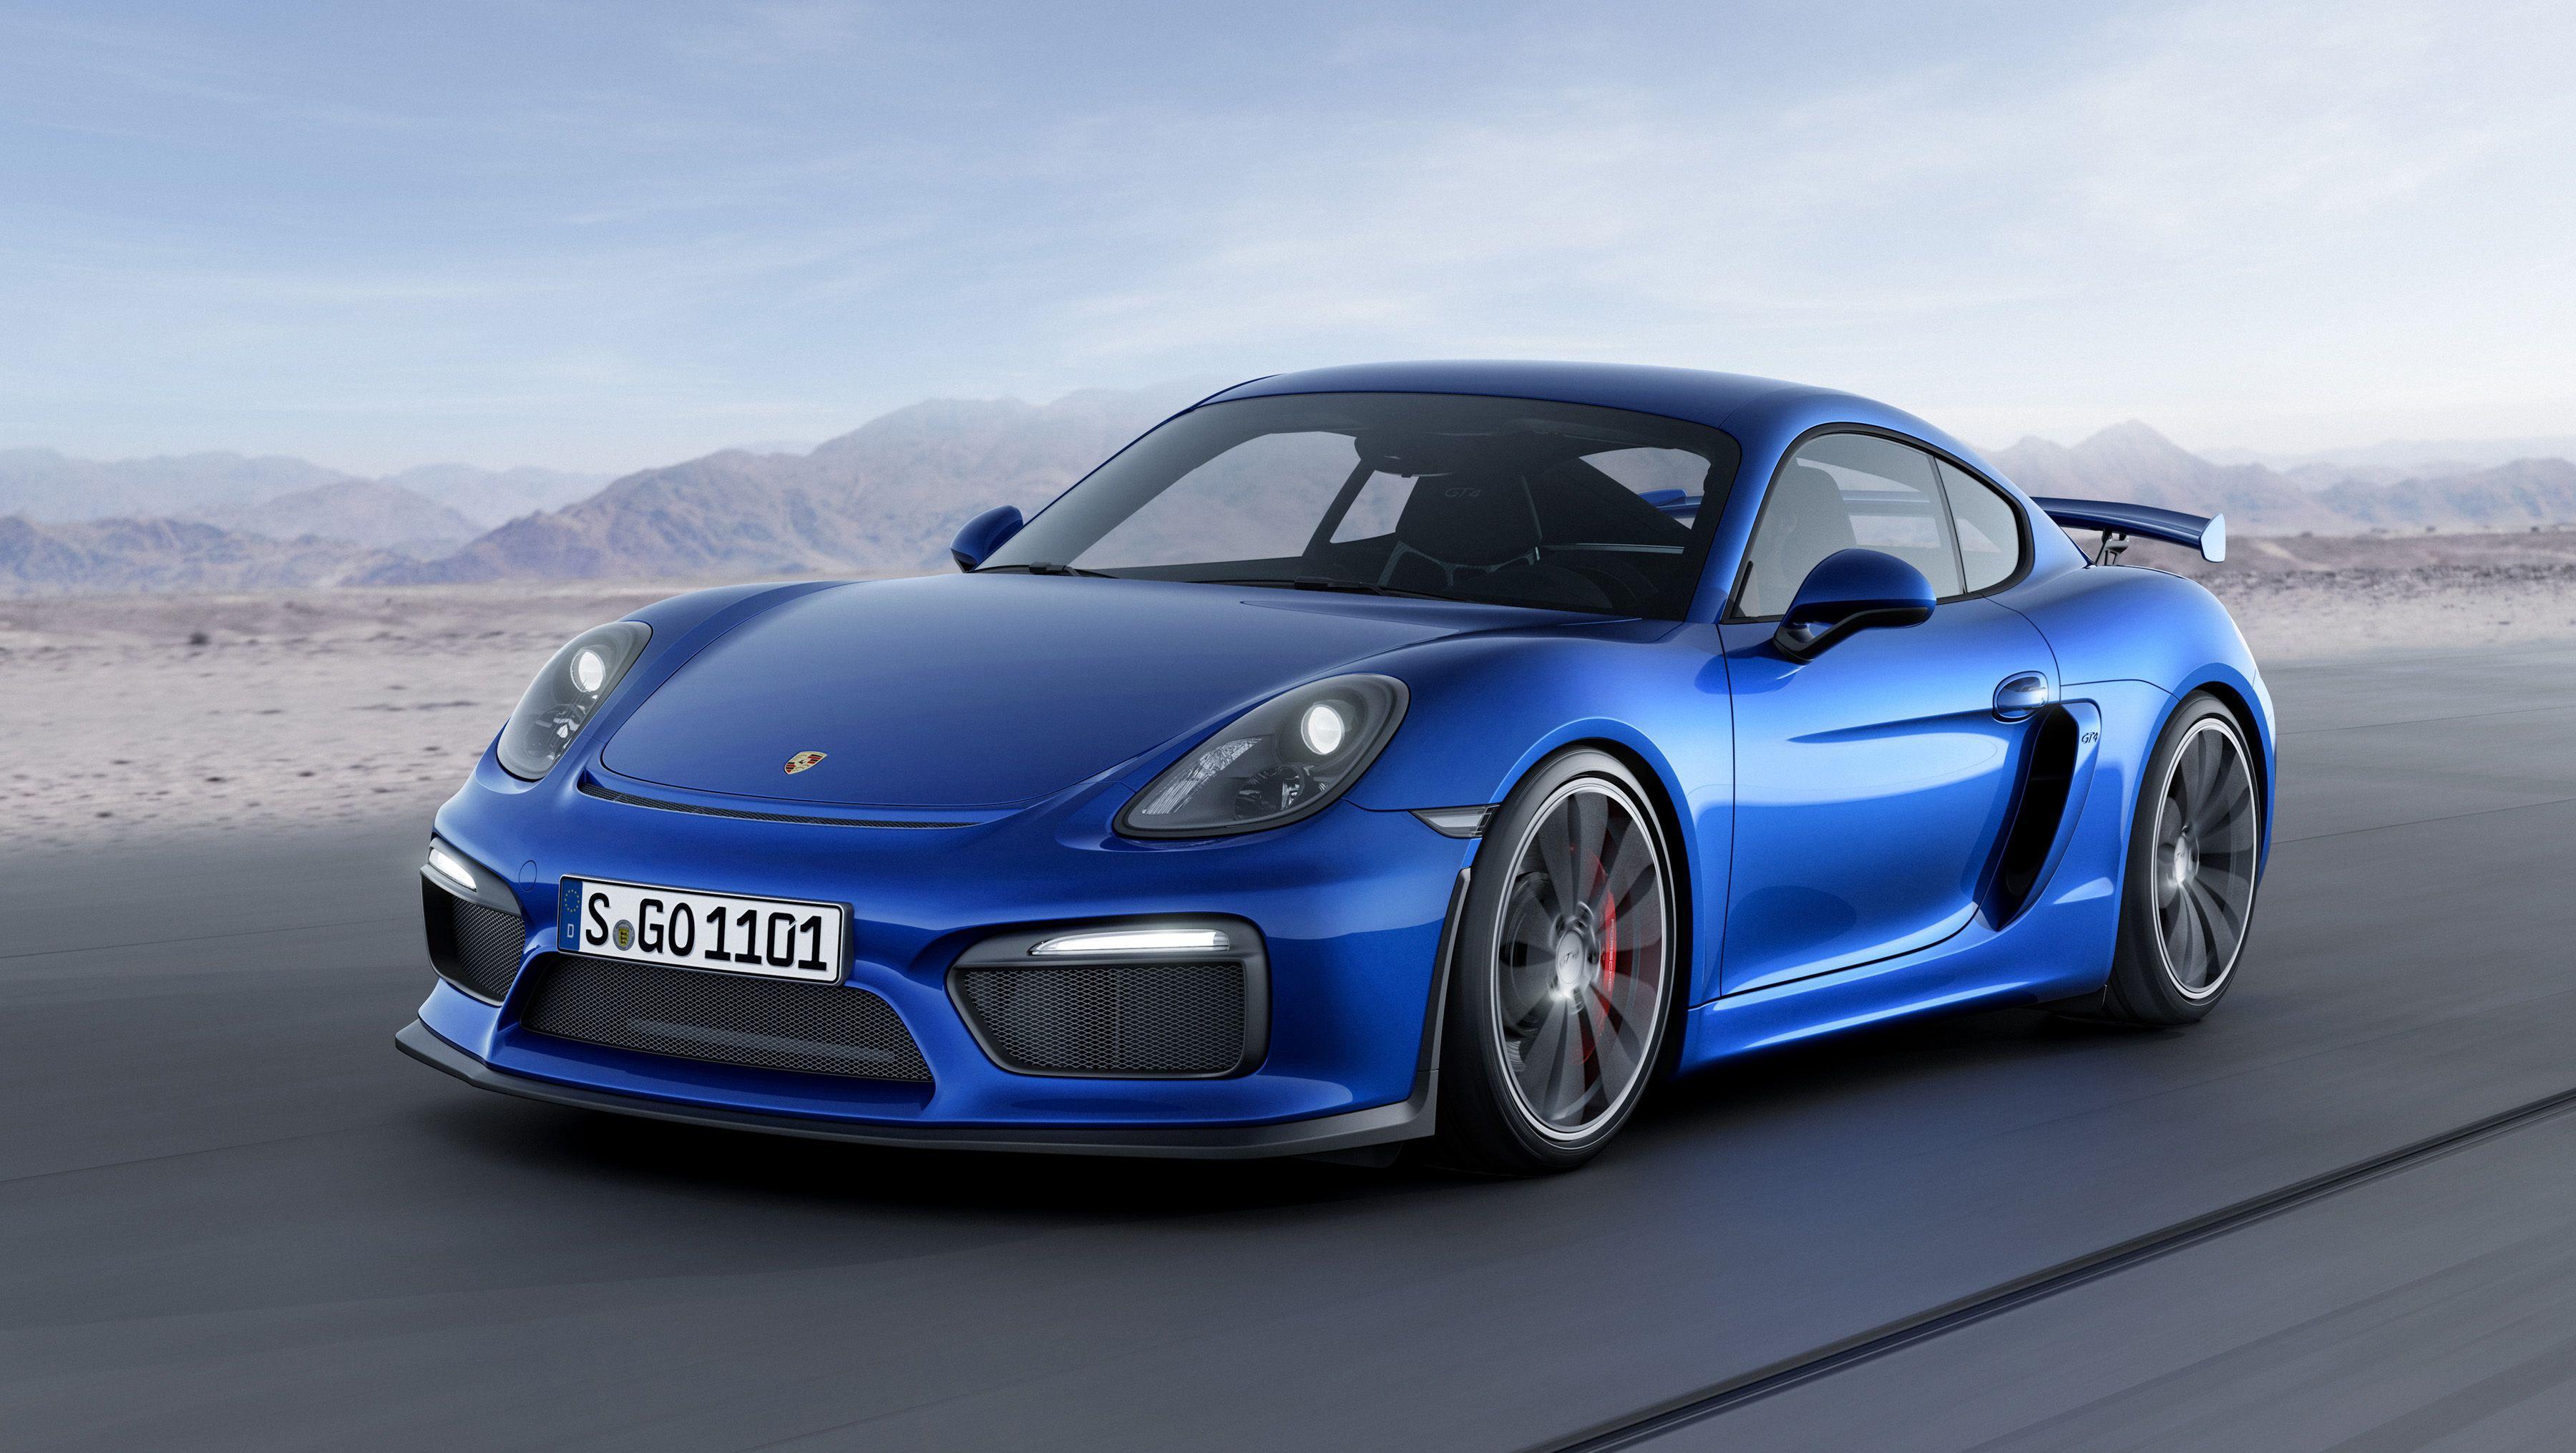 Porsche Cayman Gt4 Wallpapers Top Free Porsche Cayman Gt4 Backgrounds Wallpaperaccess